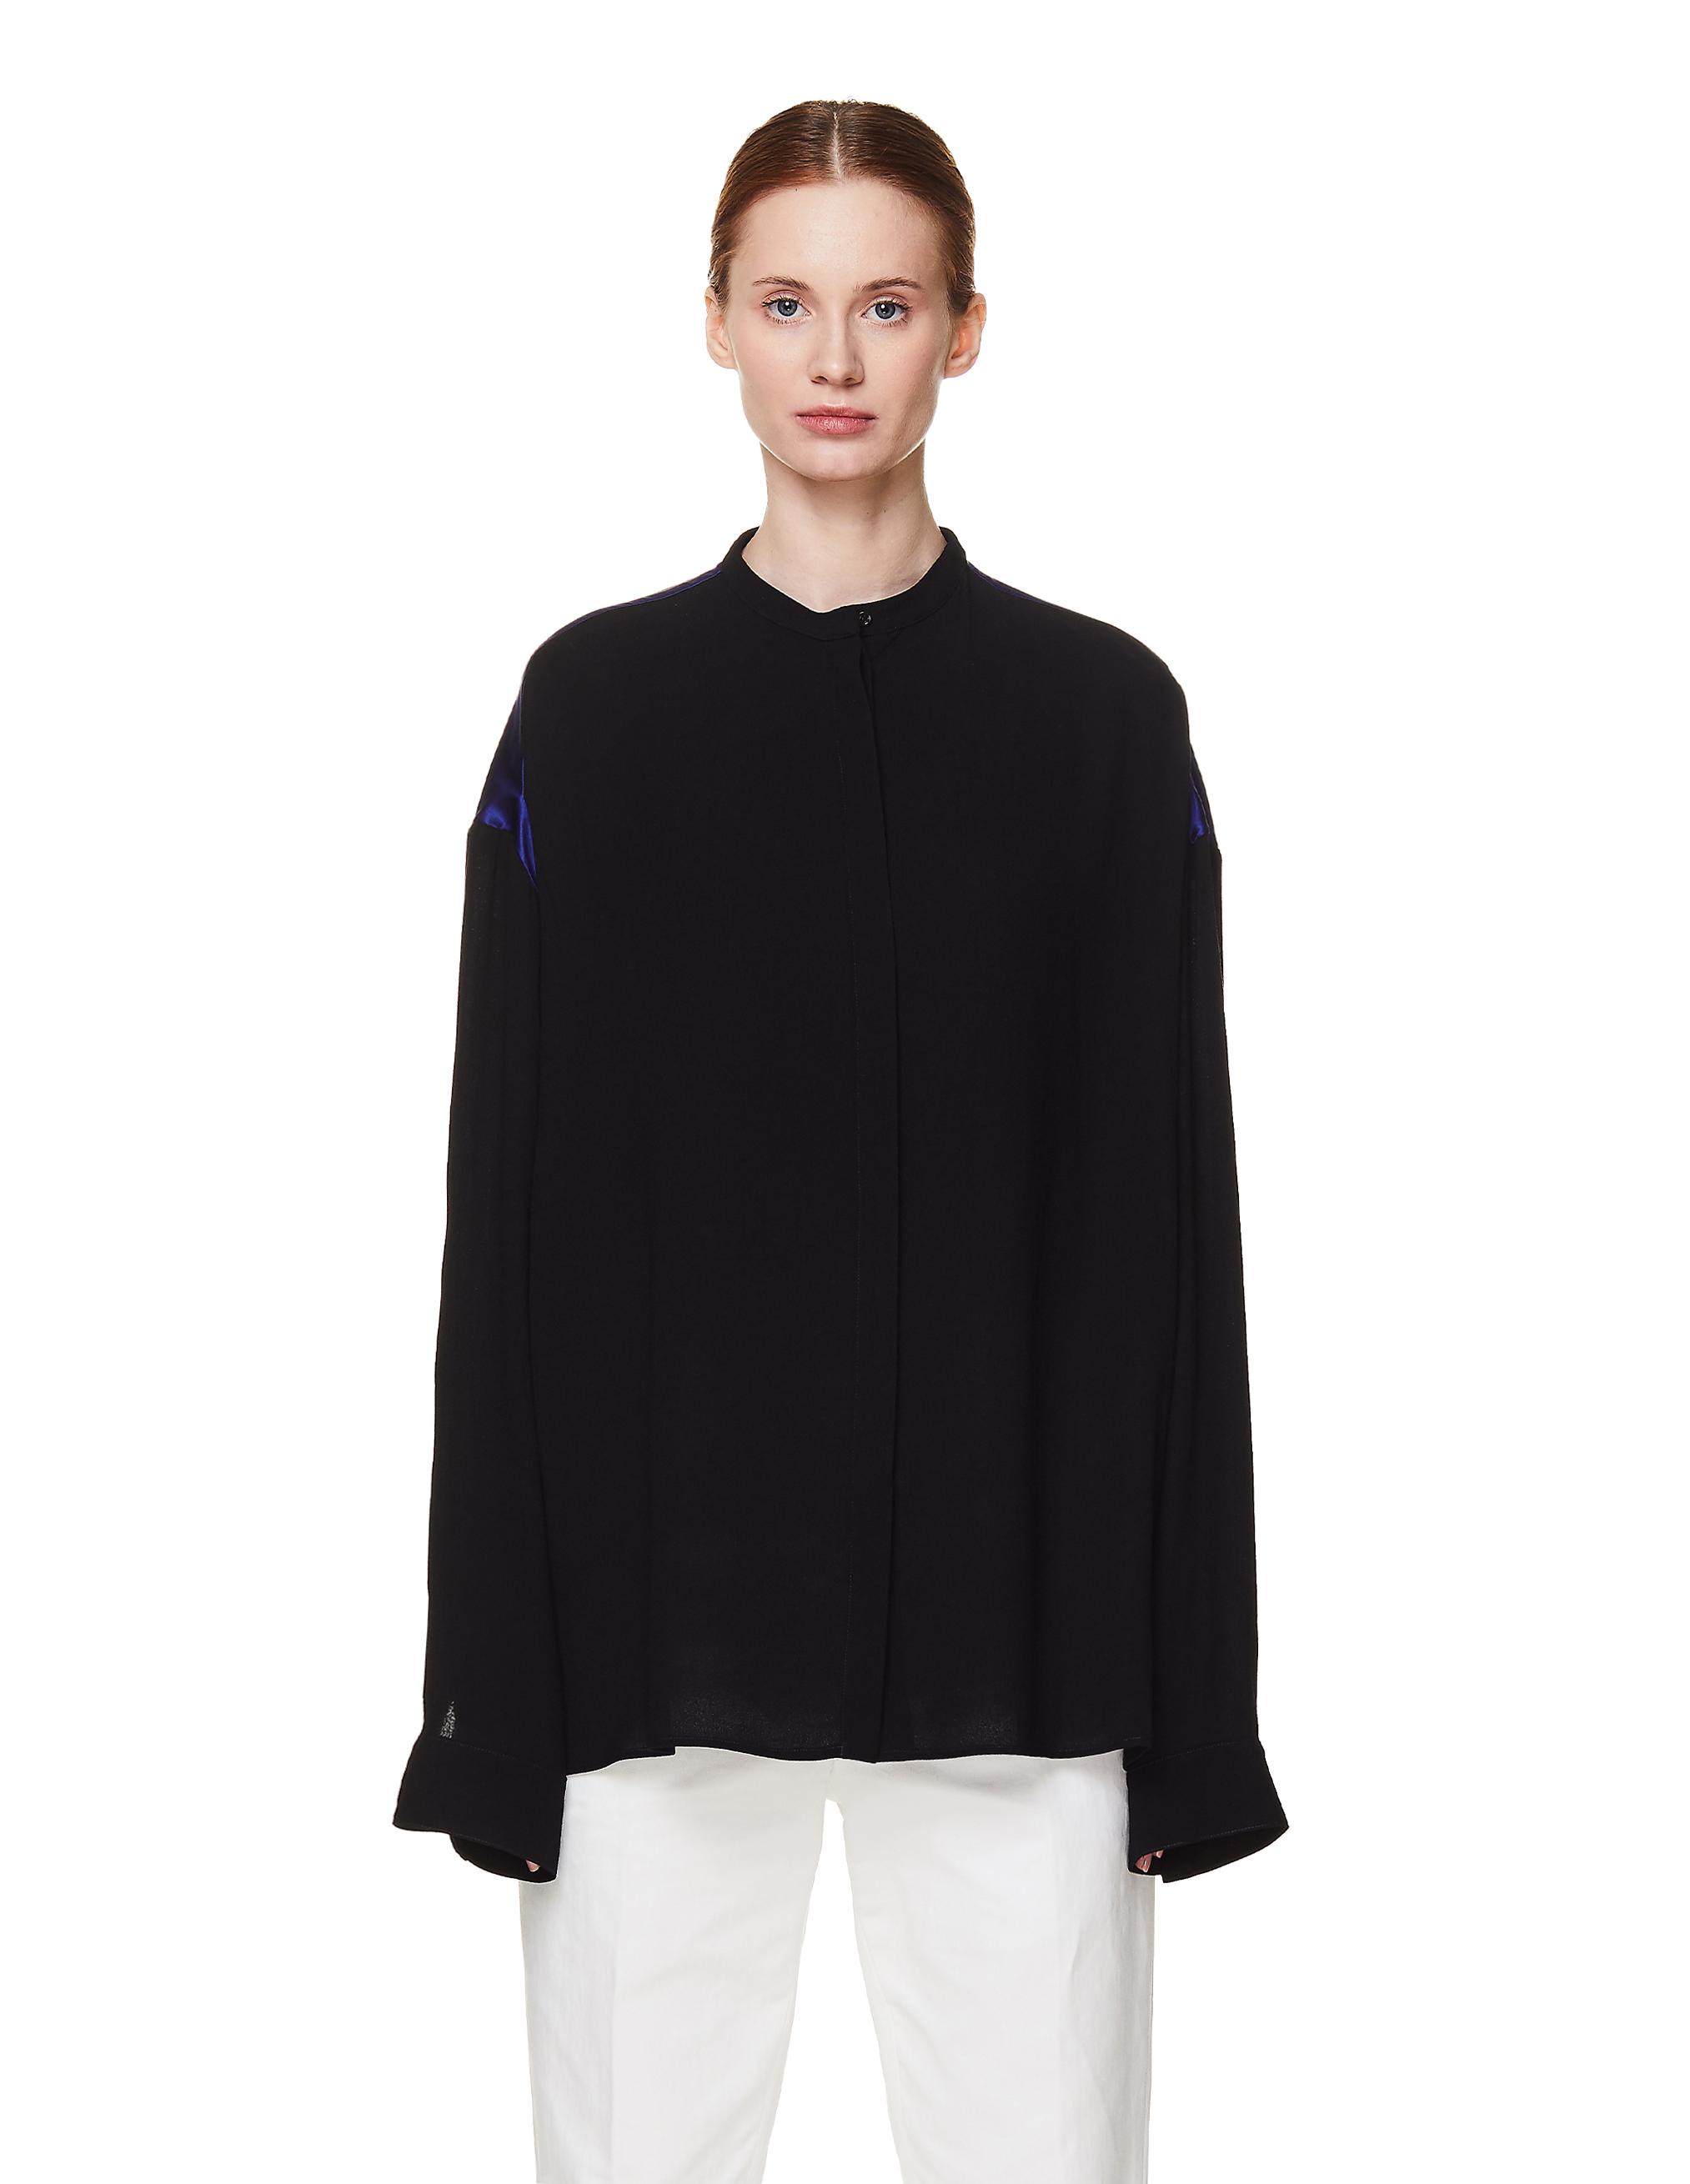 Haider Ackermann Black Viscose Shirt